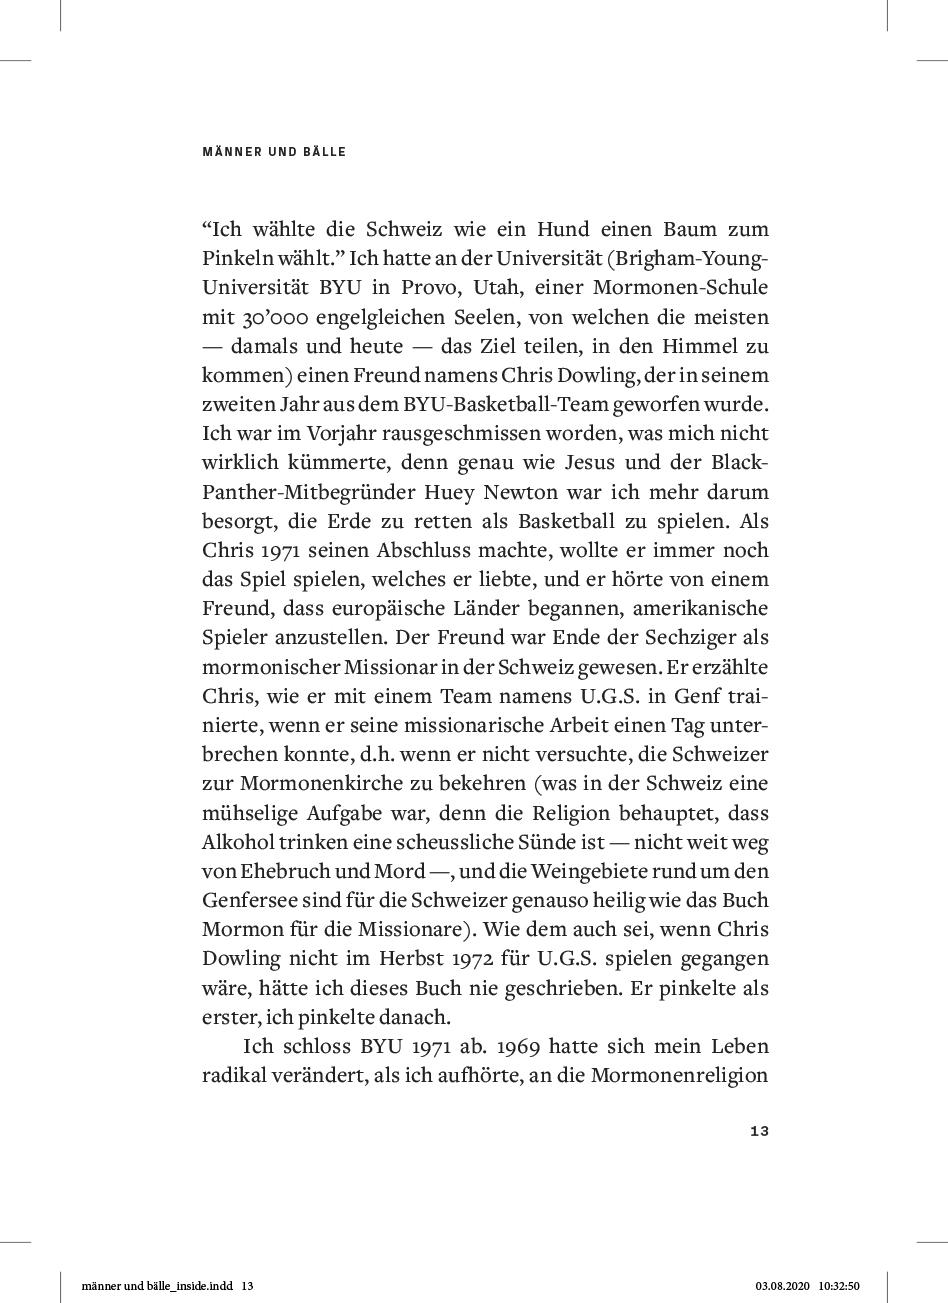 männer und bälle_page 13